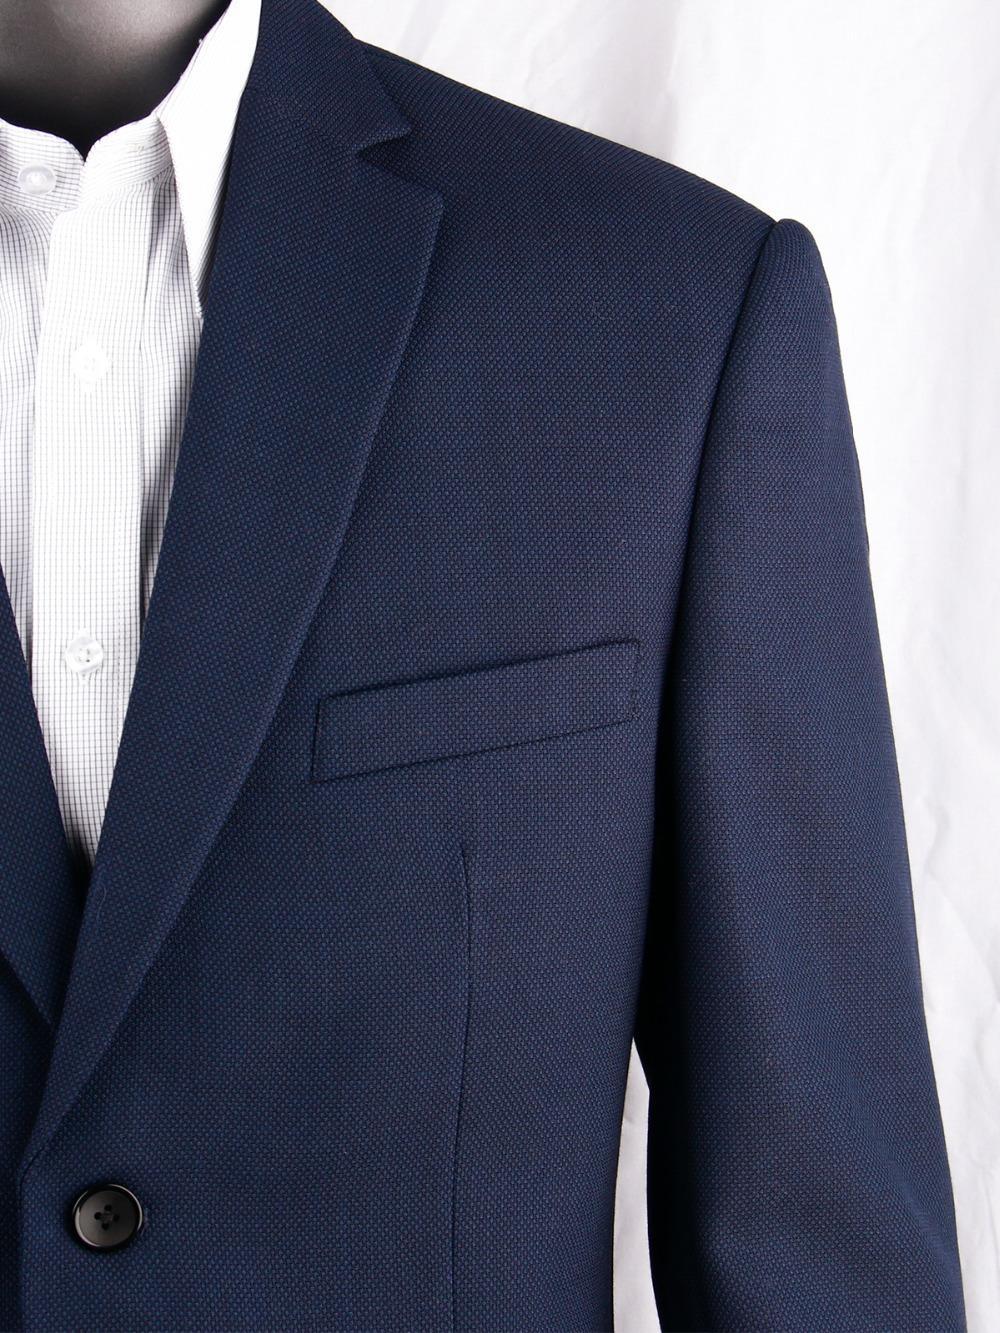 Lacivert Nailhead İş Erkekler Erkekler için Custom Made Slim Fit Yün Blend Kuş bakışı Düğün Suits, Tailor Made Damat Takım Elbise T200324